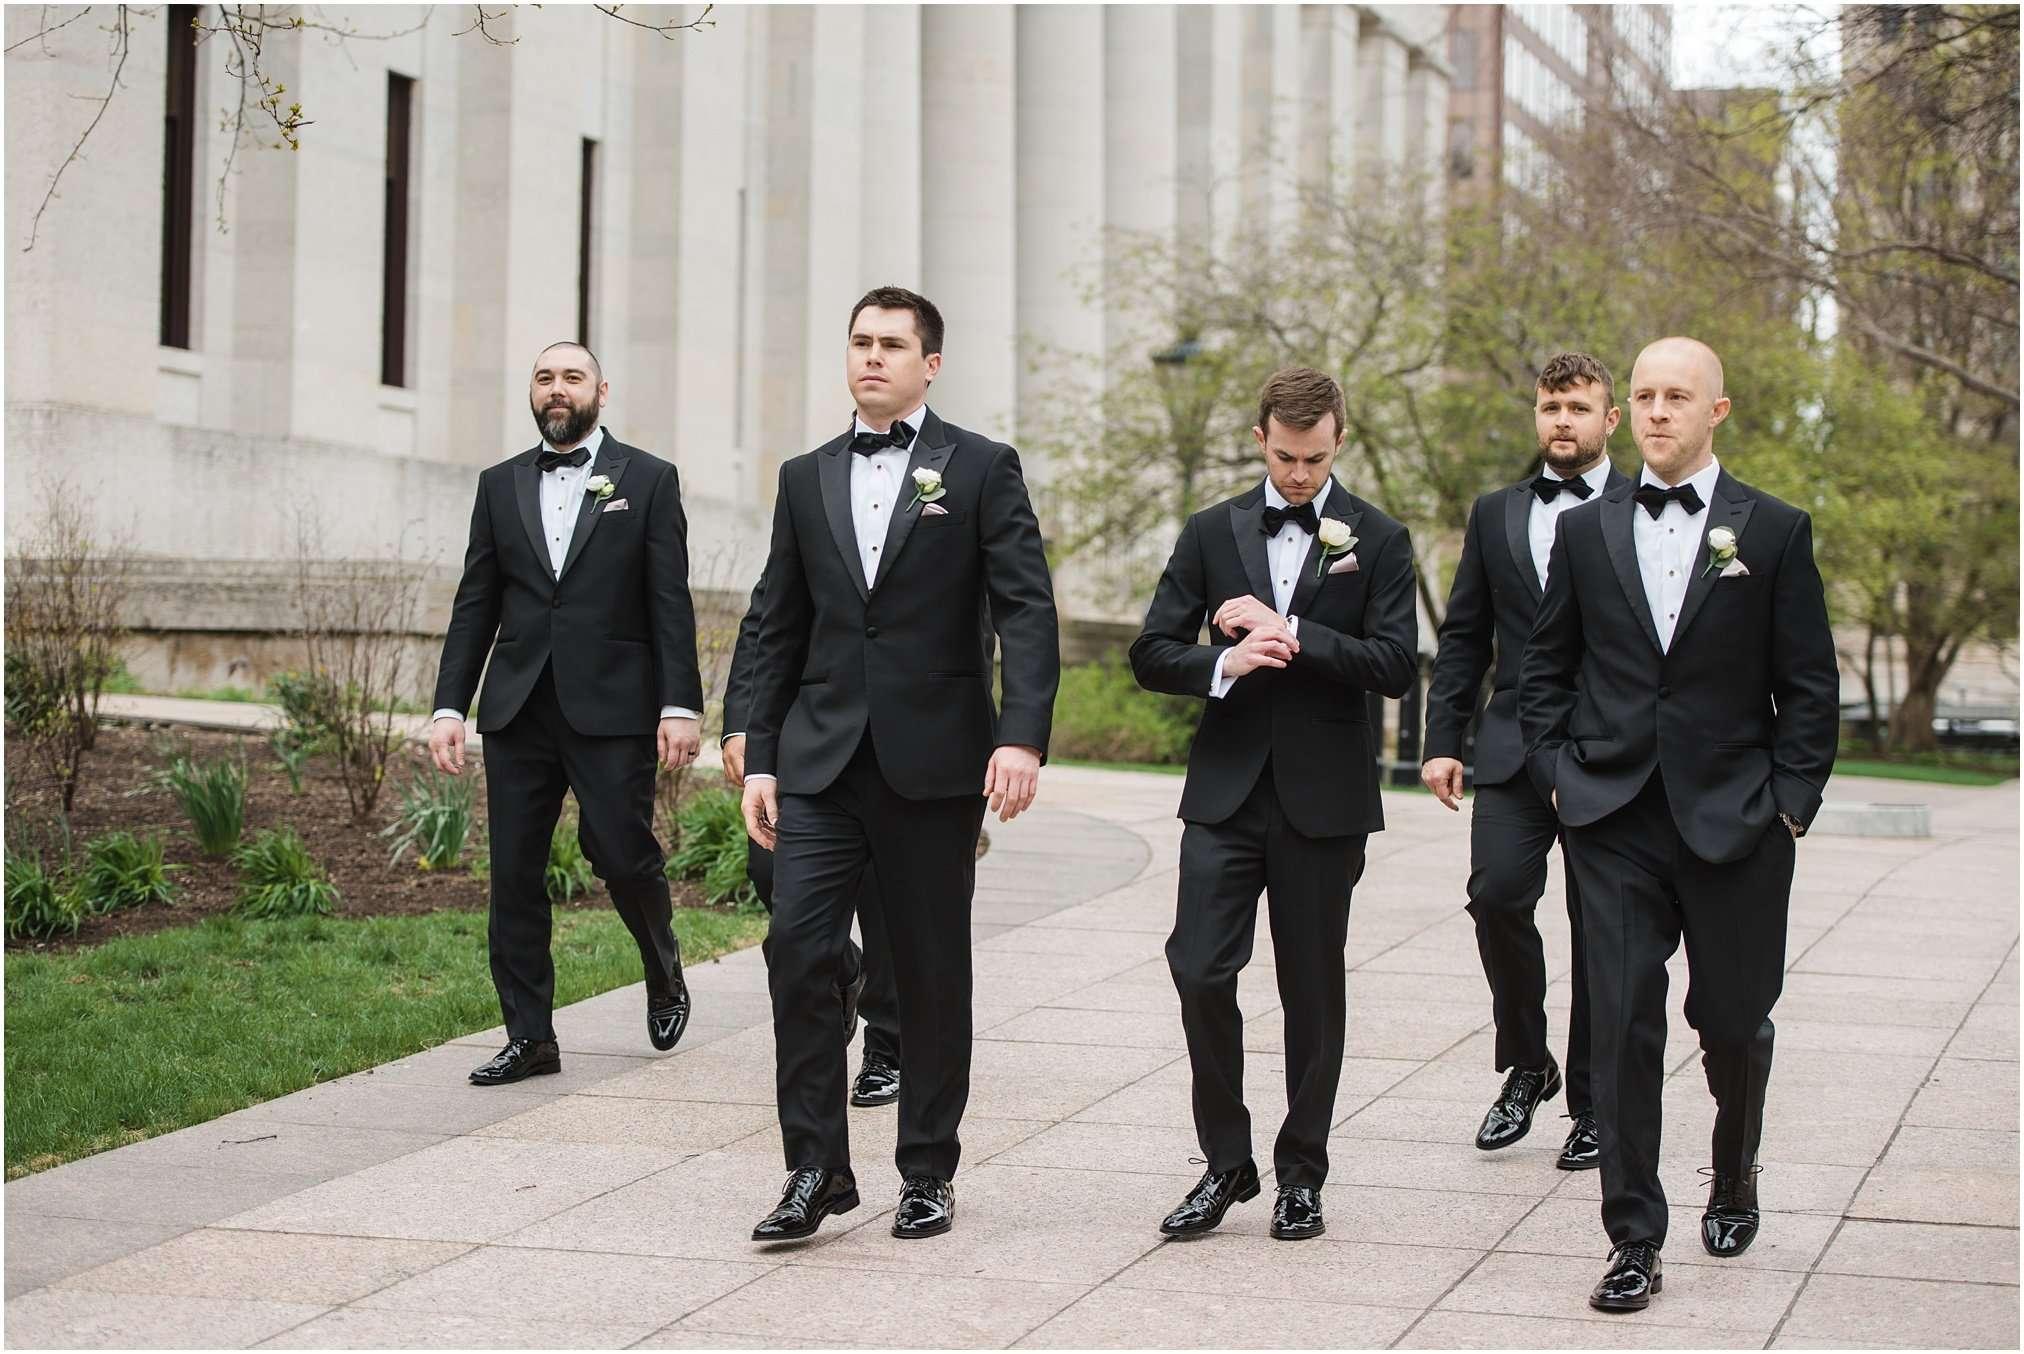 Spring Wedding at the Ohio Statehouse | Columbus Ohio Photography 96